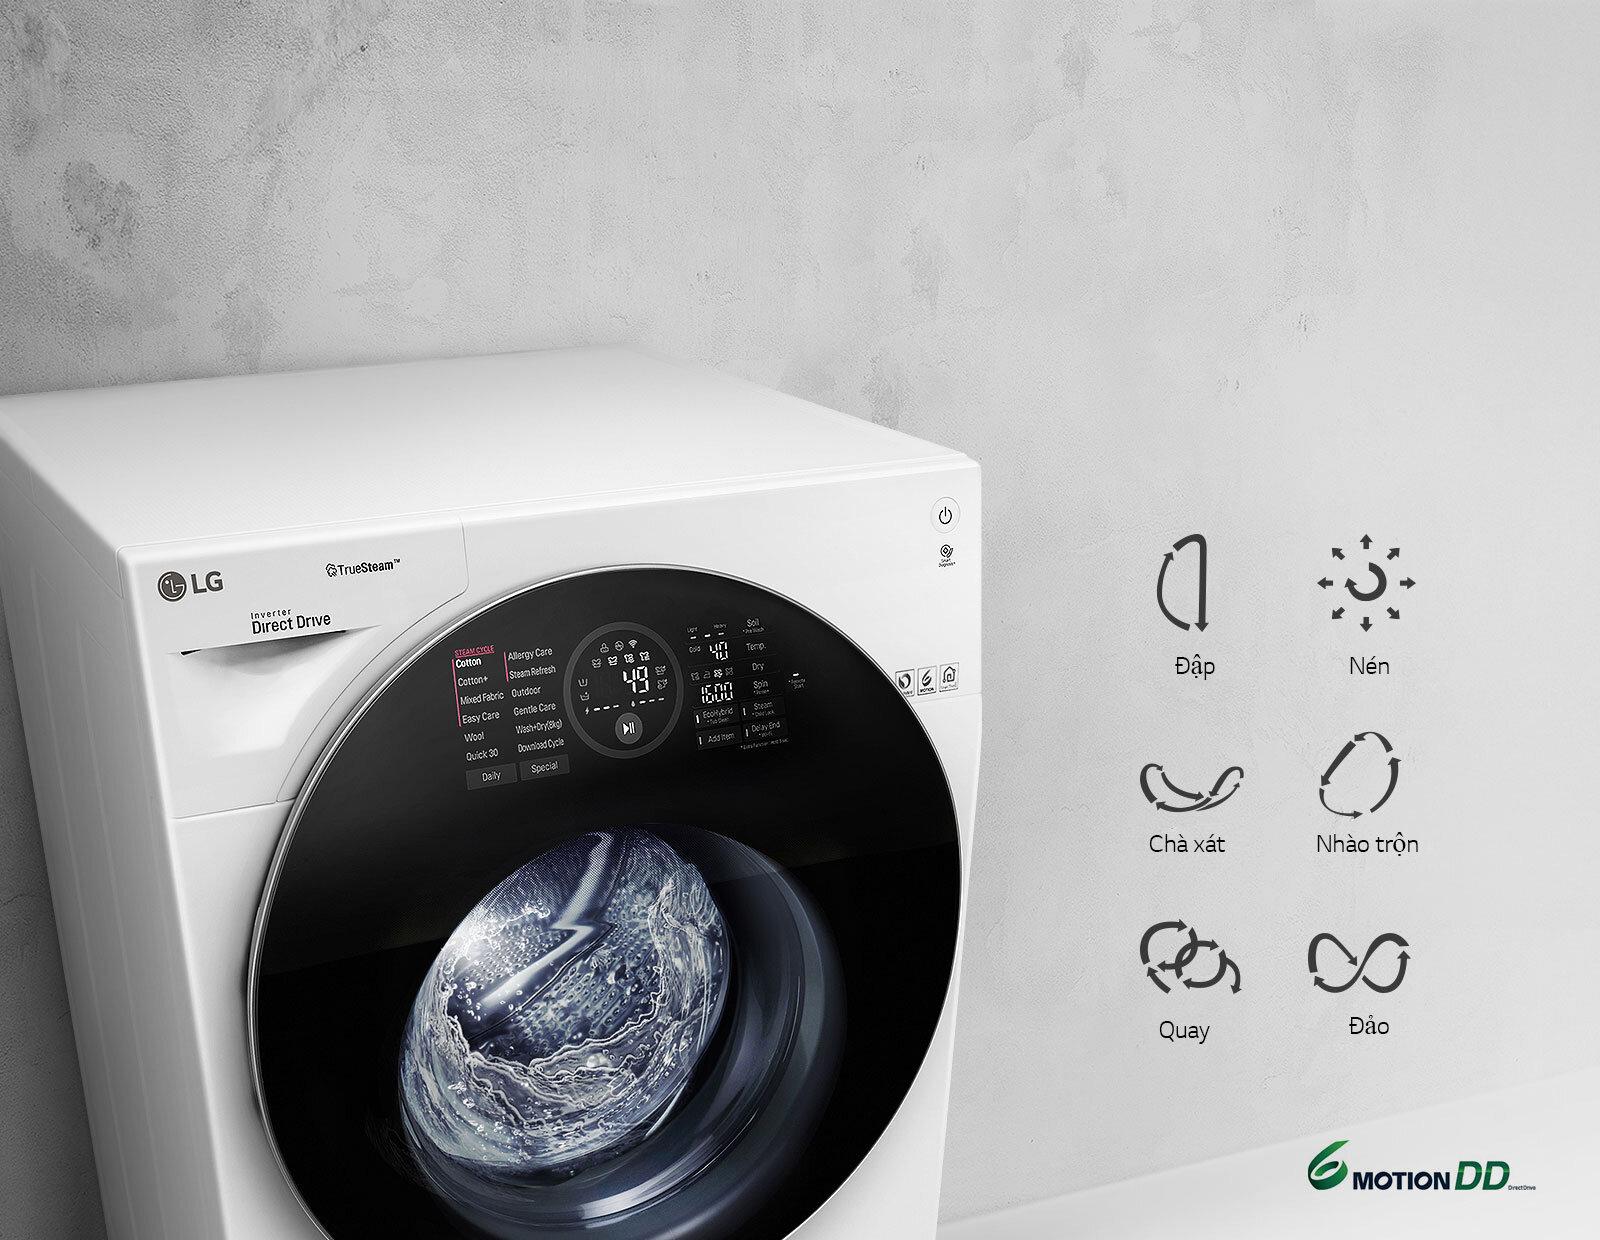 Bảng điều khiển máy giặt LG 9Kg